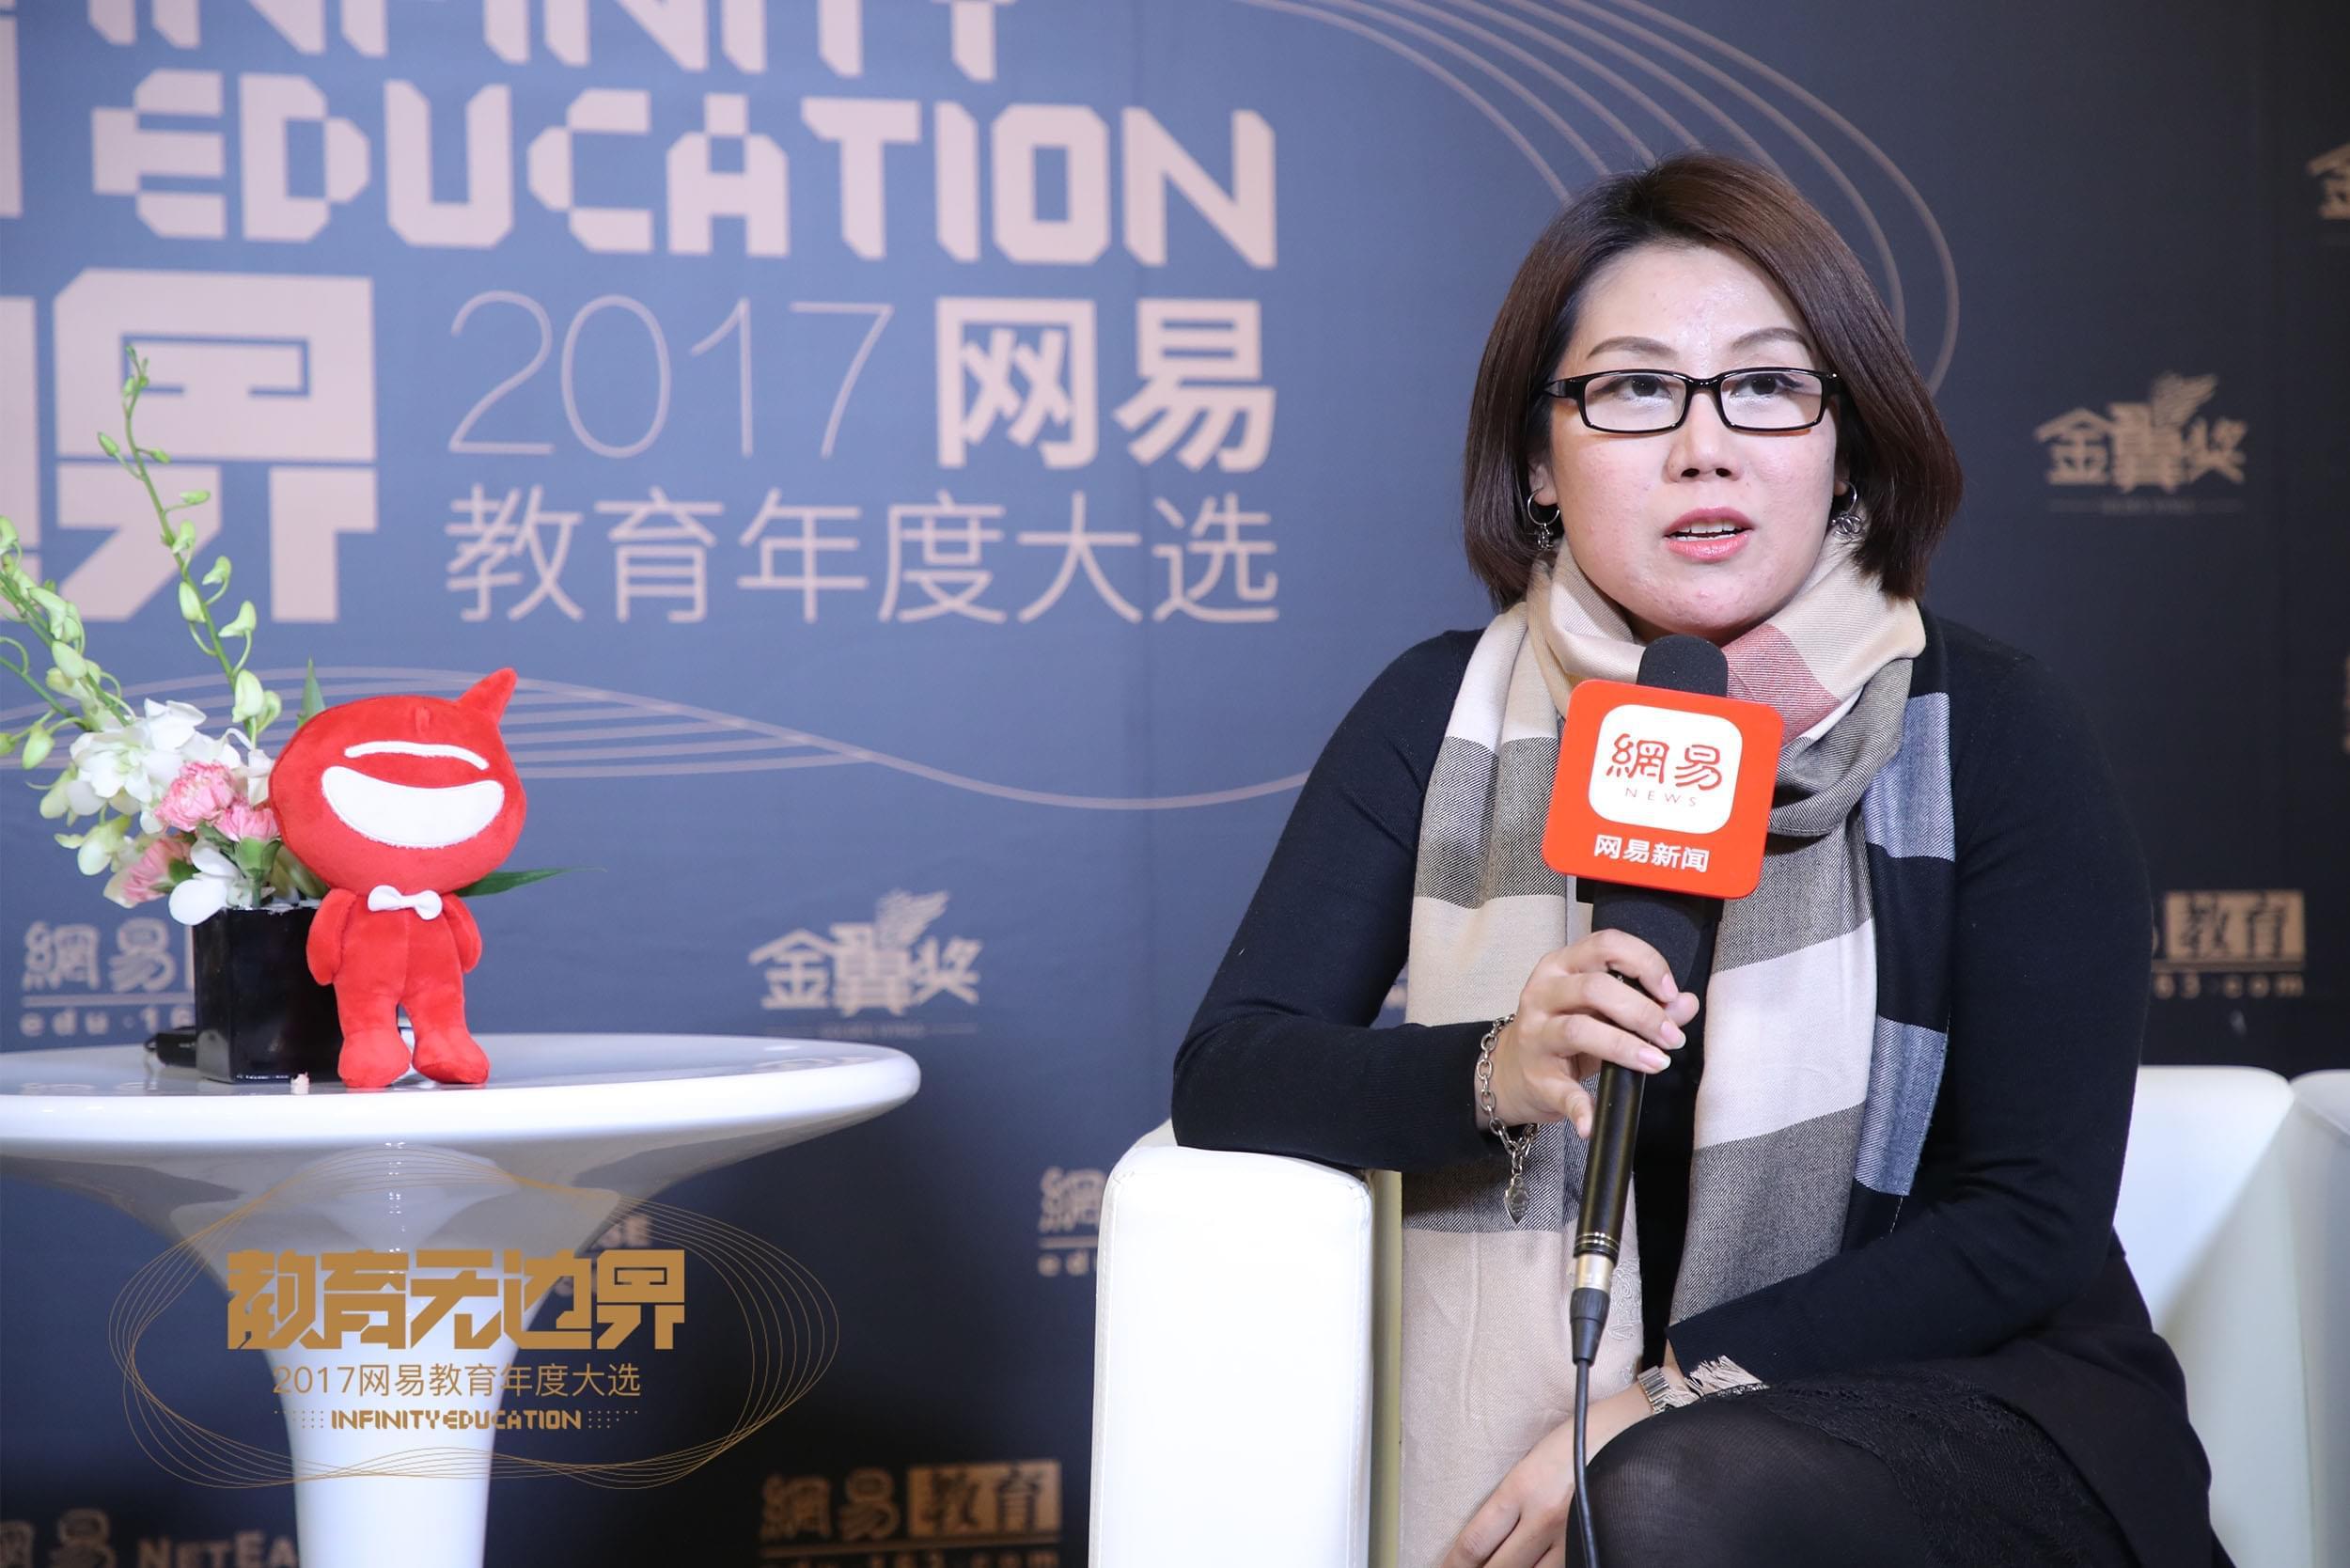 山姆大叔曹阳:让更多的孩子告别被动式教育